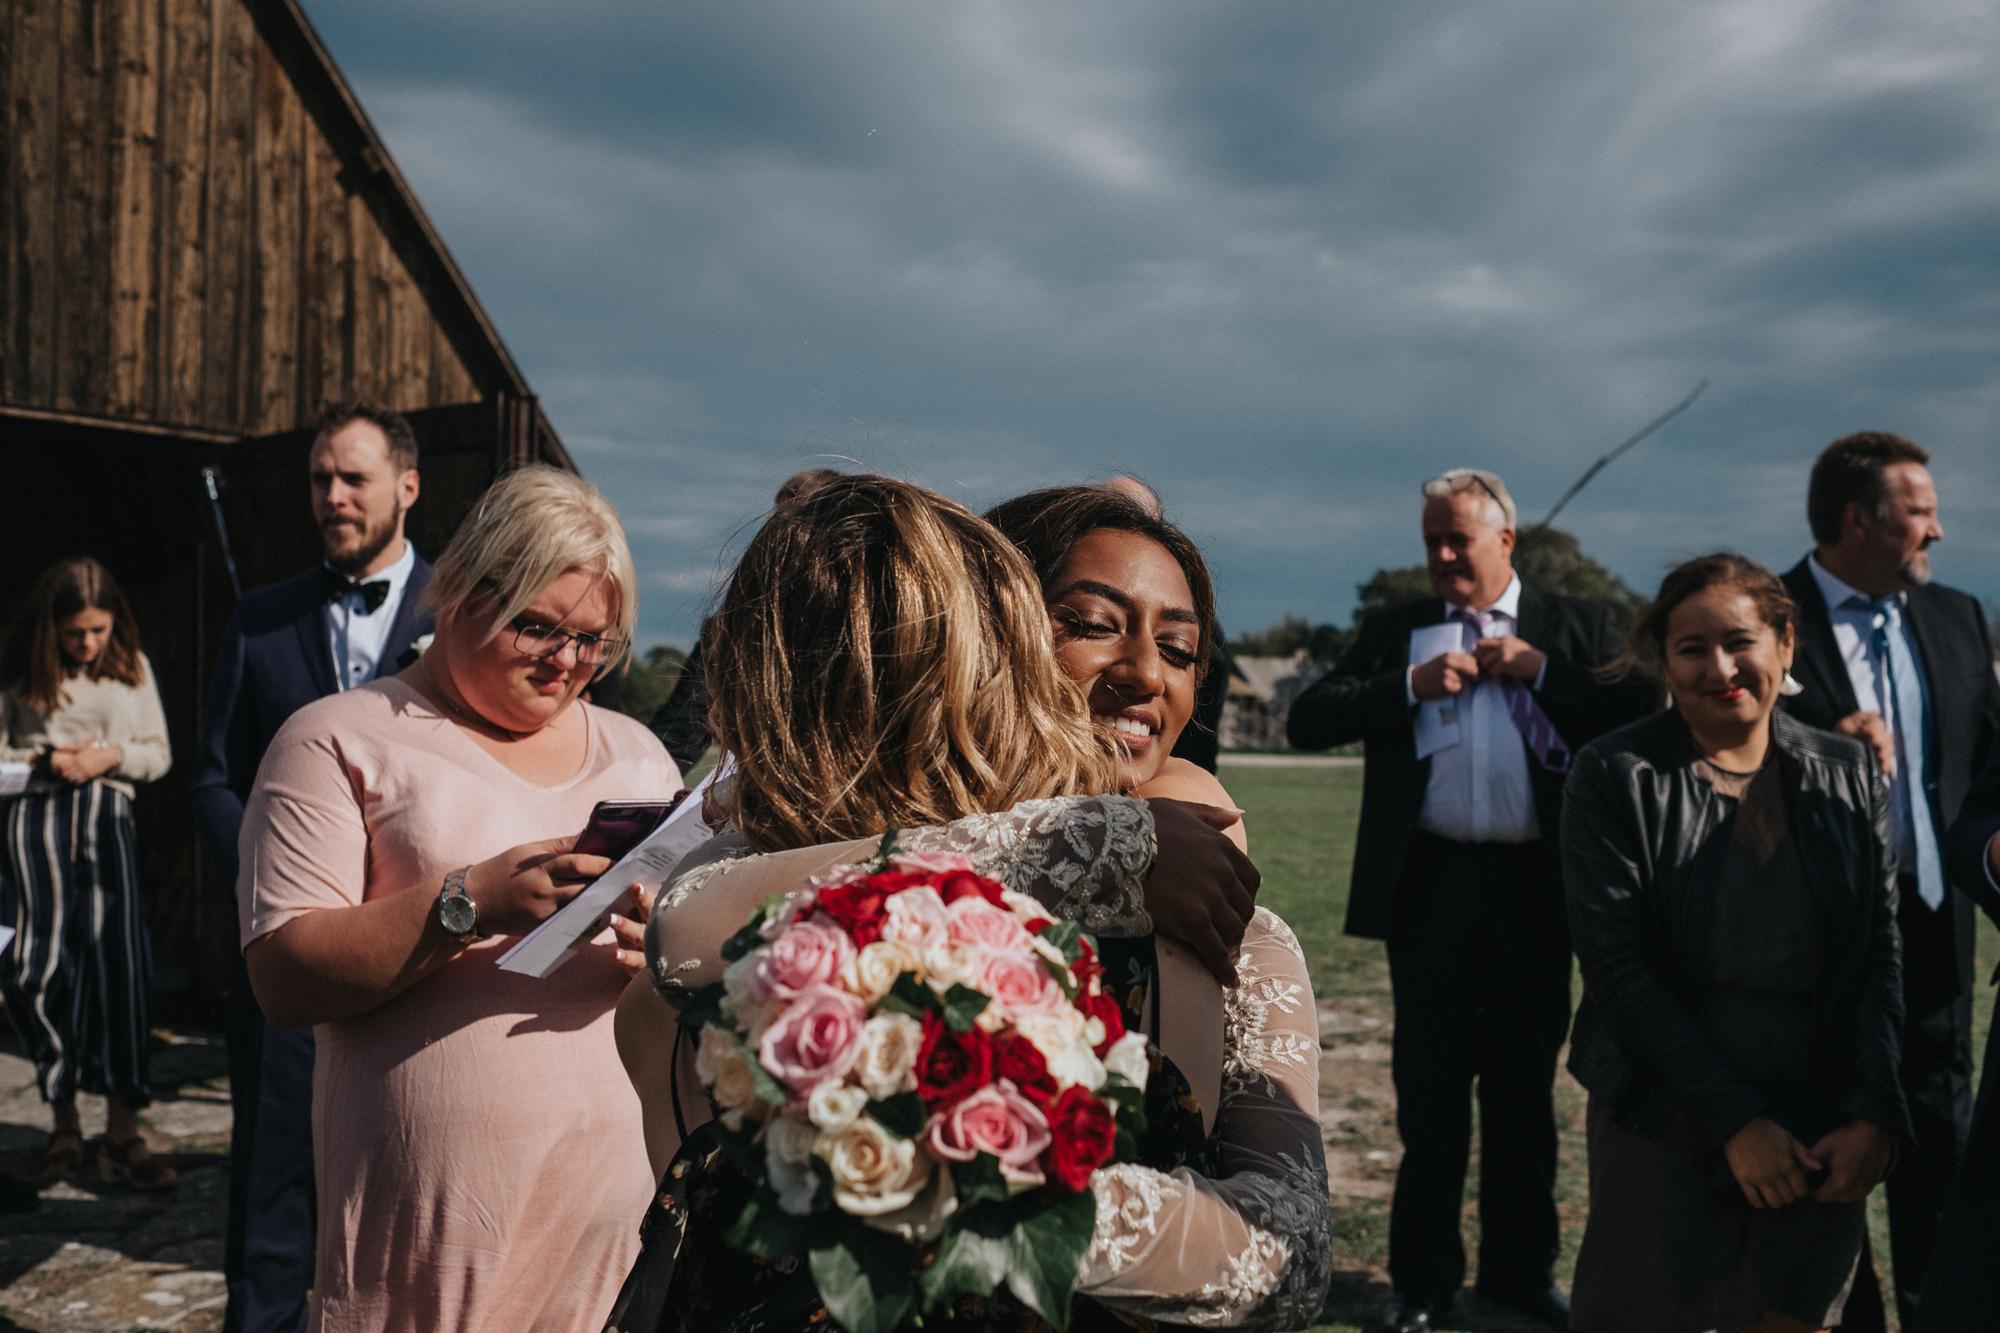 027-bröllopsfotograf-gotland-neas-fotografi.jpg